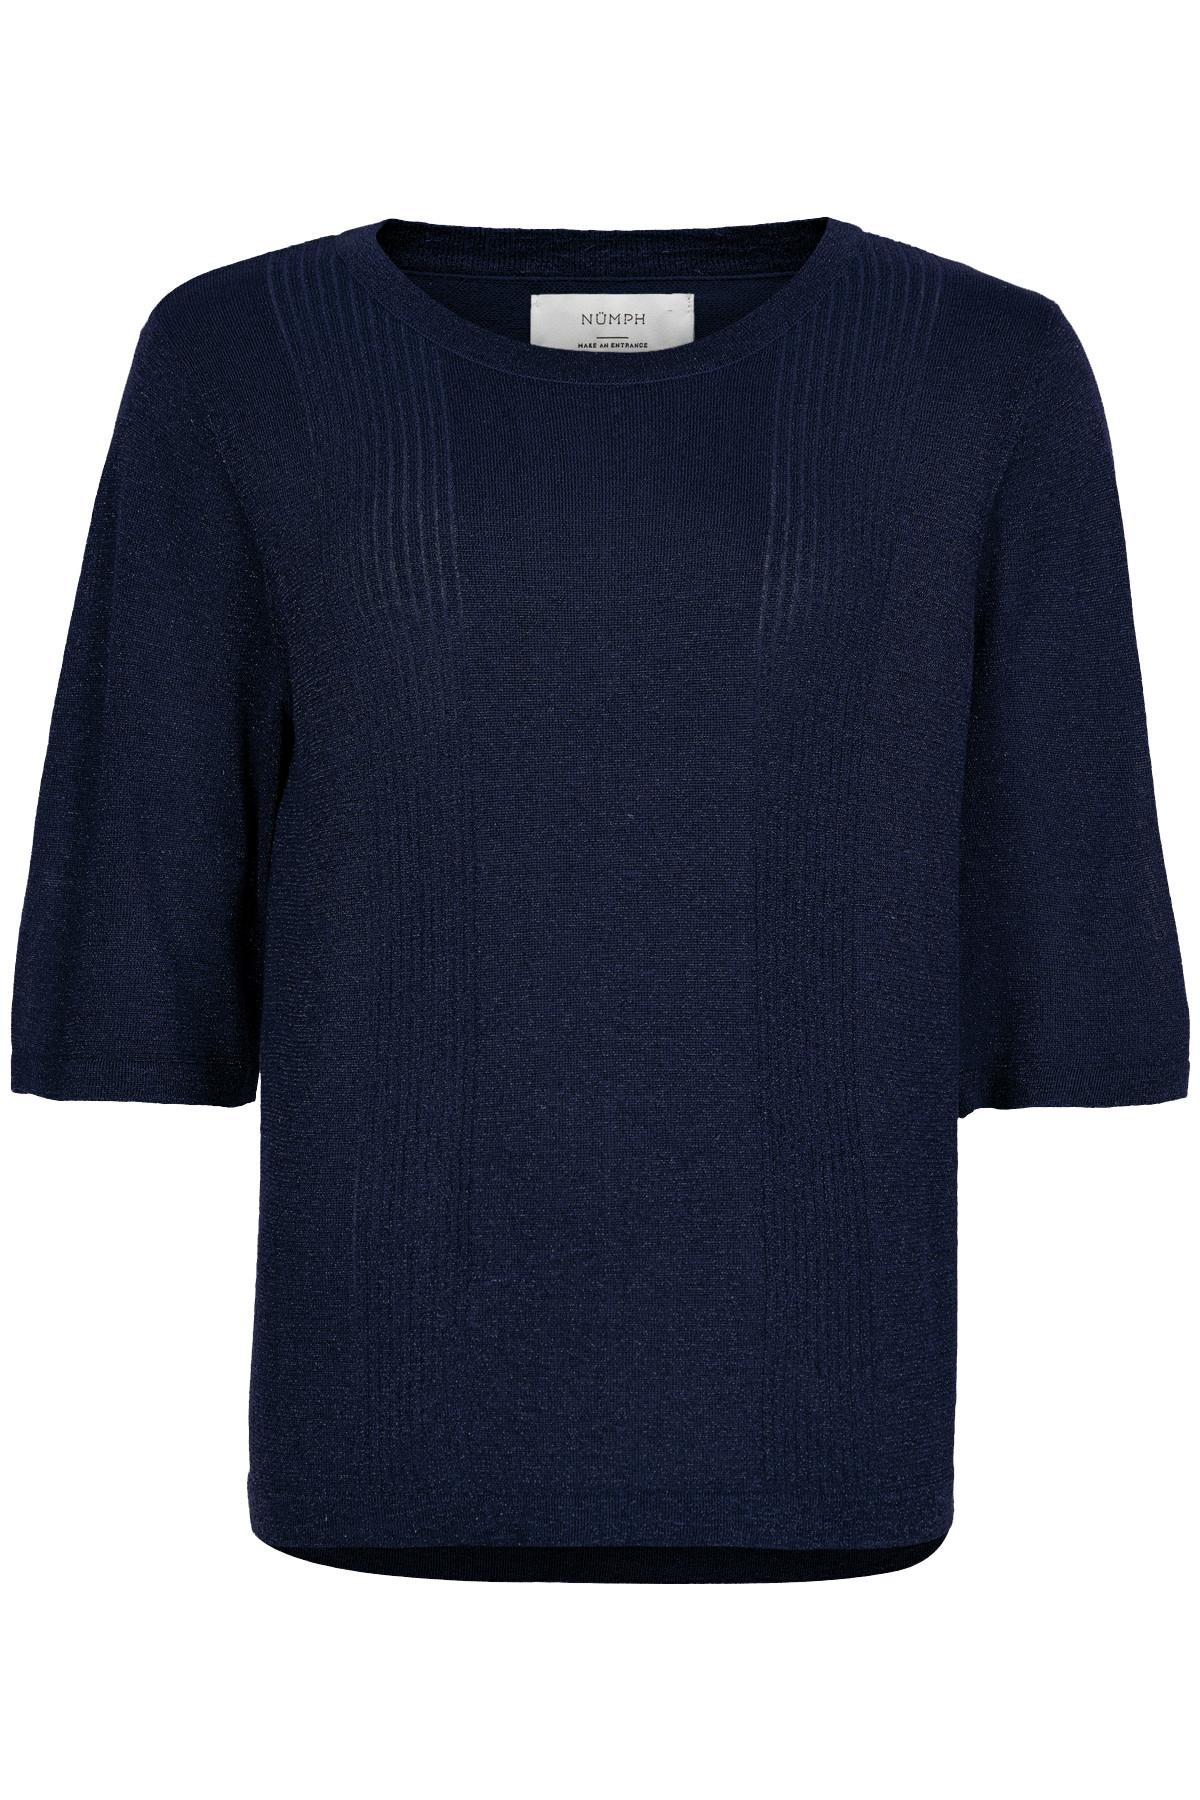 Nümph Annora Pullover - Blauw